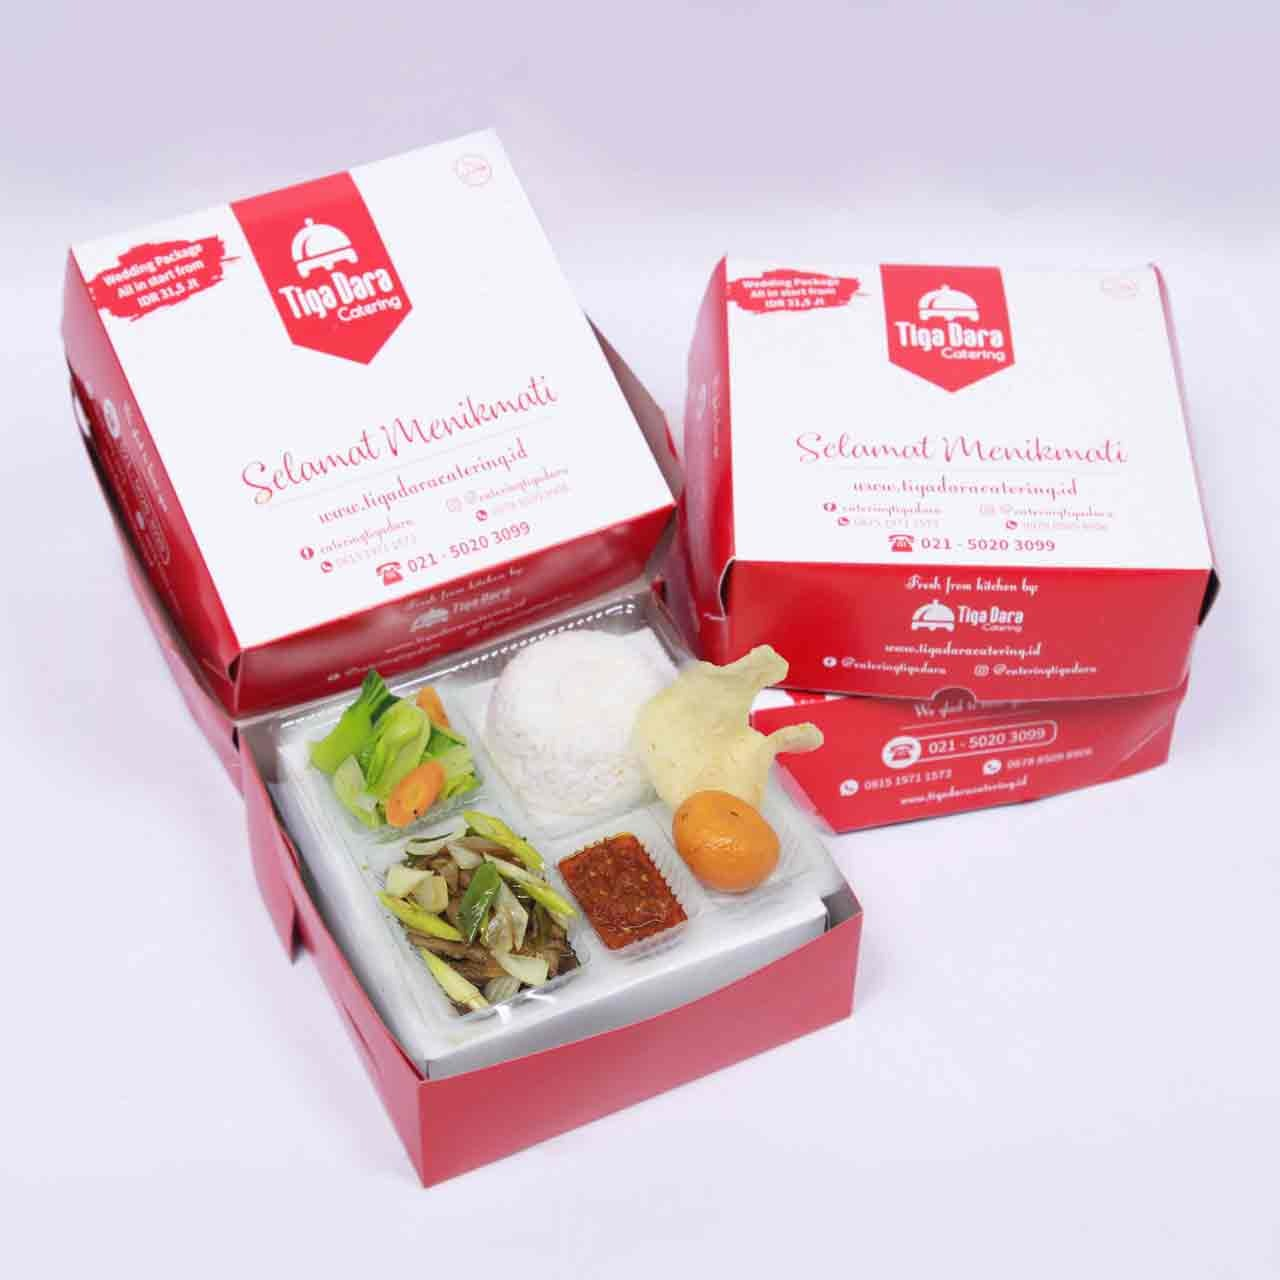 tiga_dara_*Nasi Box Enak & Murah_First Class | Paket 12